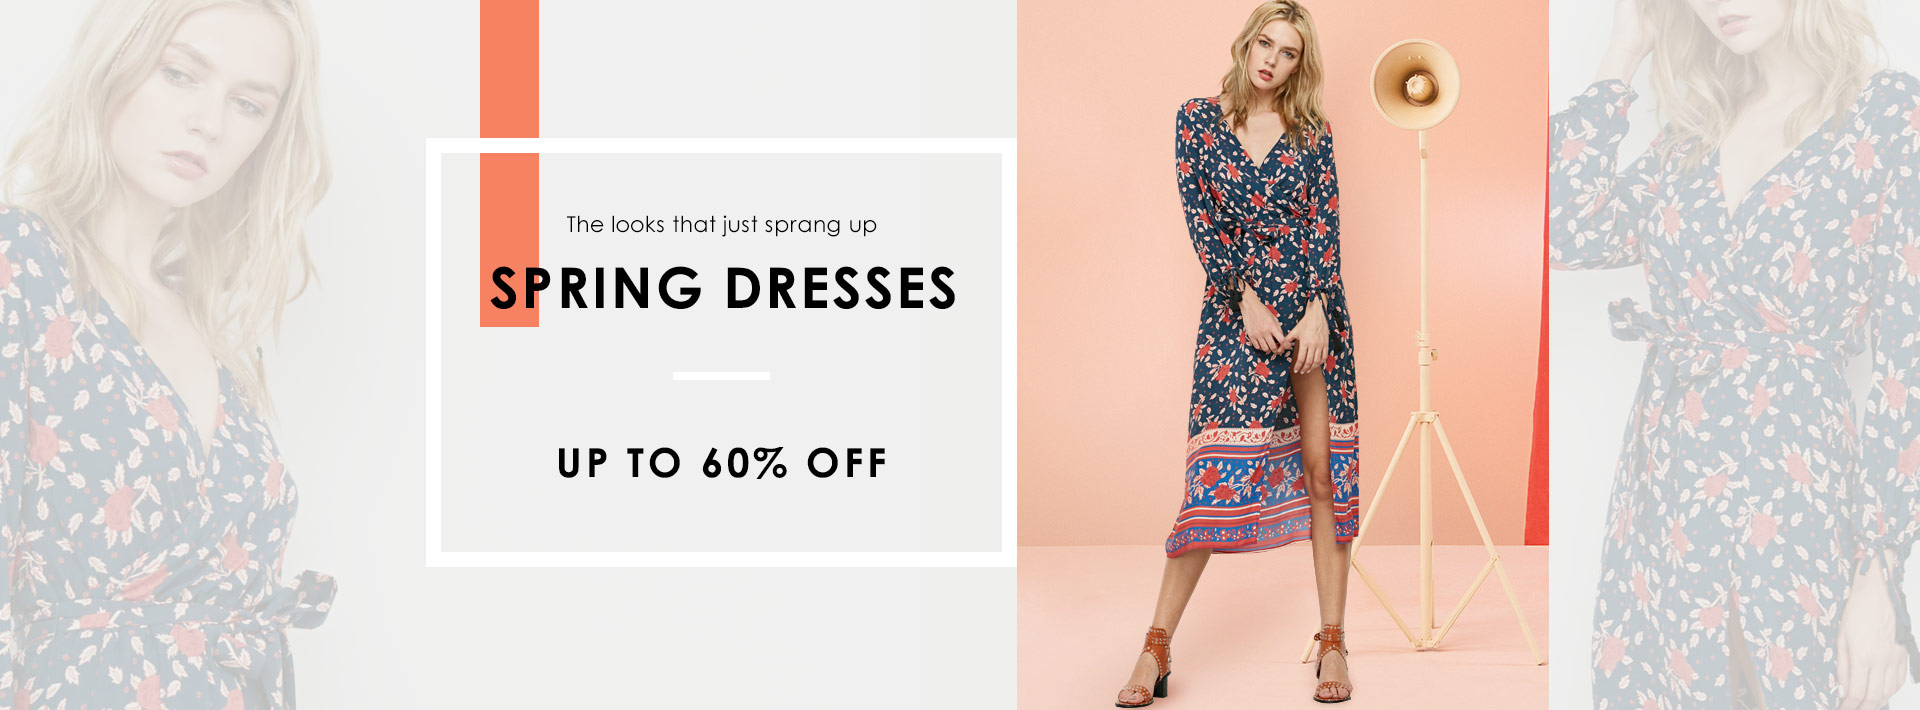 https://uidesign.zaful.com/Z/images/promotion/2017/dress/banner.jpg